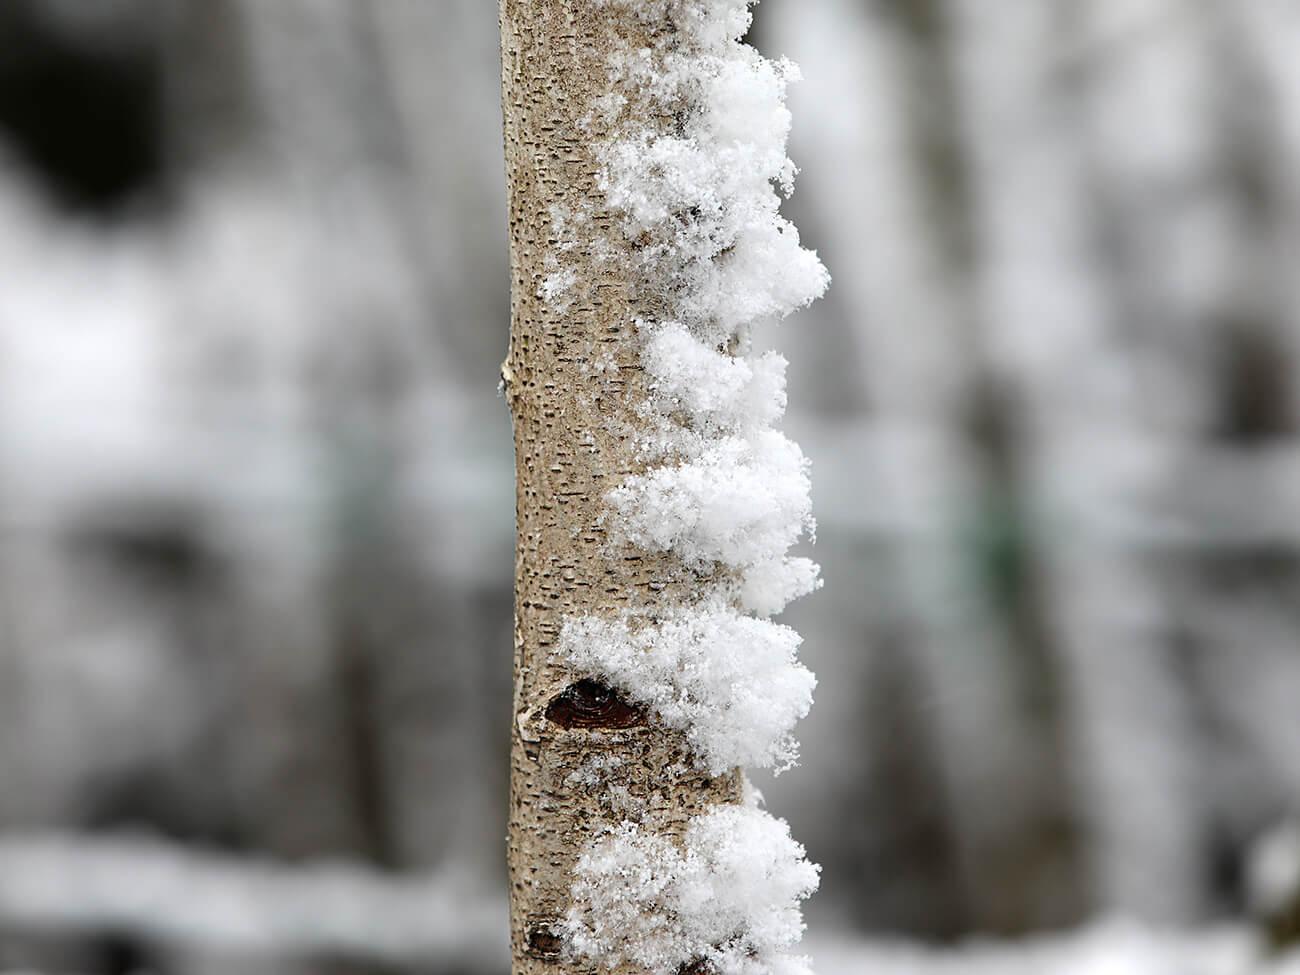 szkółka roślin konieczko zima